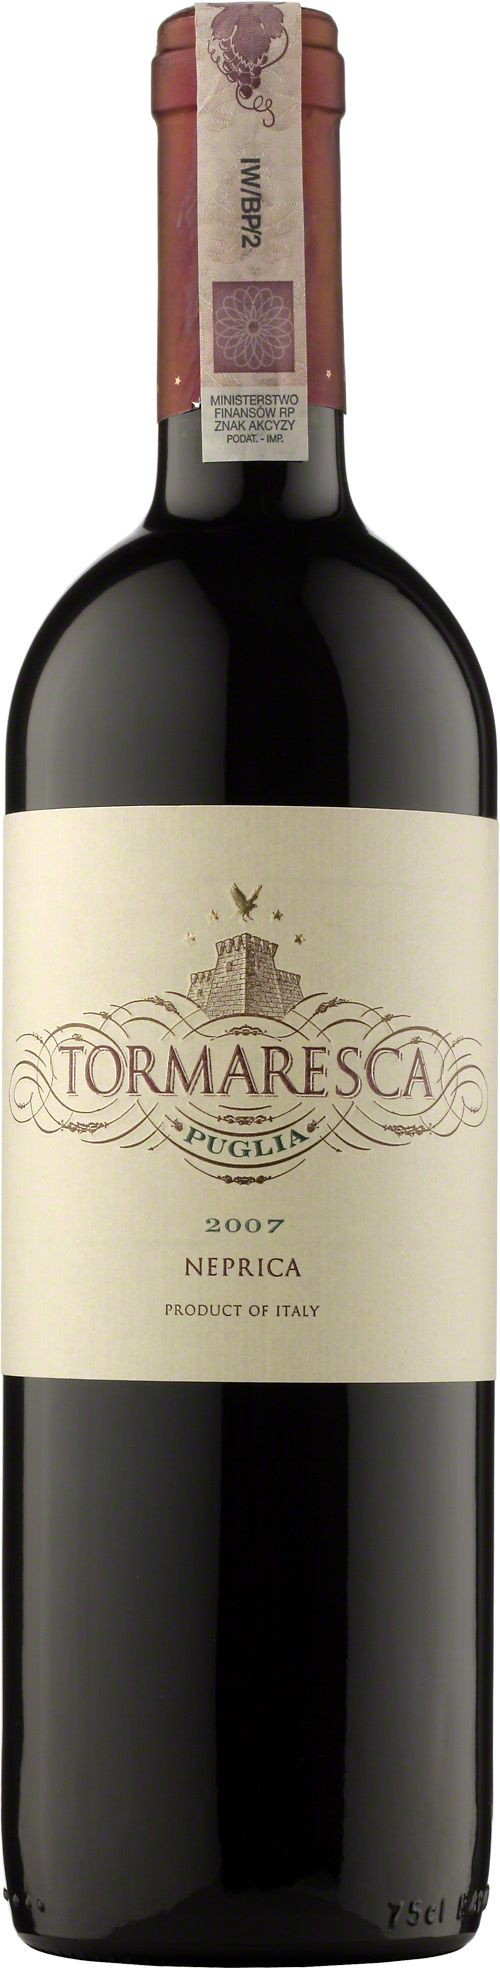 Tormaresca Neprica Puglia I.G.T. Tormaresca rosso jest wytwarzana głównie z odmiany winogron negroamaro, których winifikacja przebiegała w kadziach ze stali nierdzewnej, w kontrolowanej temperaturze. Efektem jest lekkie wino o pięknym, rubinowym kolorze oraz owocowym, lekko przyprawowym bukiecie. W smaku lekko taniczne i świeże, bardzo uniwersalne, do podania z wieloma różnymi daniami. #Tormaresca #Neprica #Puglia #Wino #Wlochy #Negroamaro #CabernetSauvignon #Primitivo